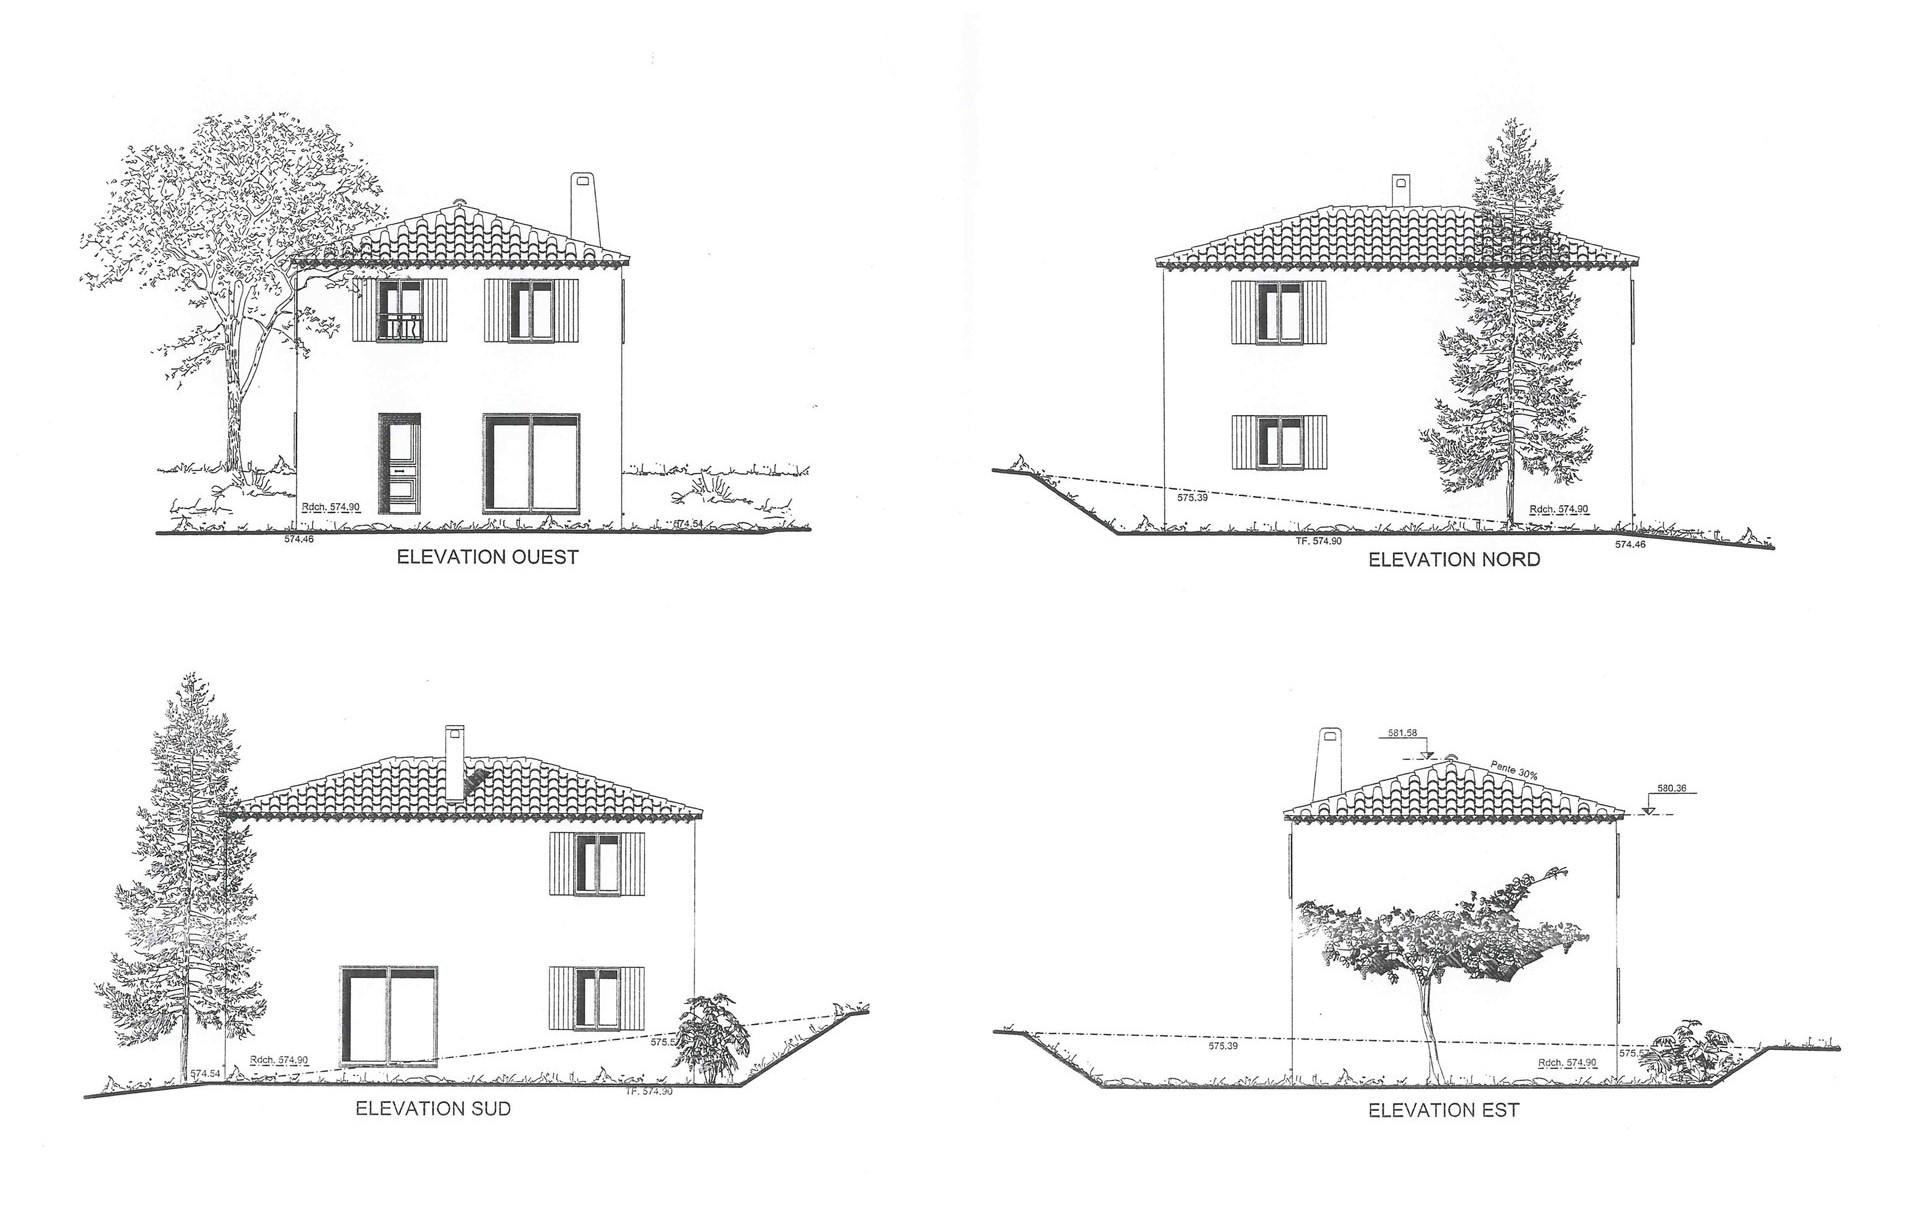 Notre future maison levens 2 le choix de la maison - Application dessin plan maison ...